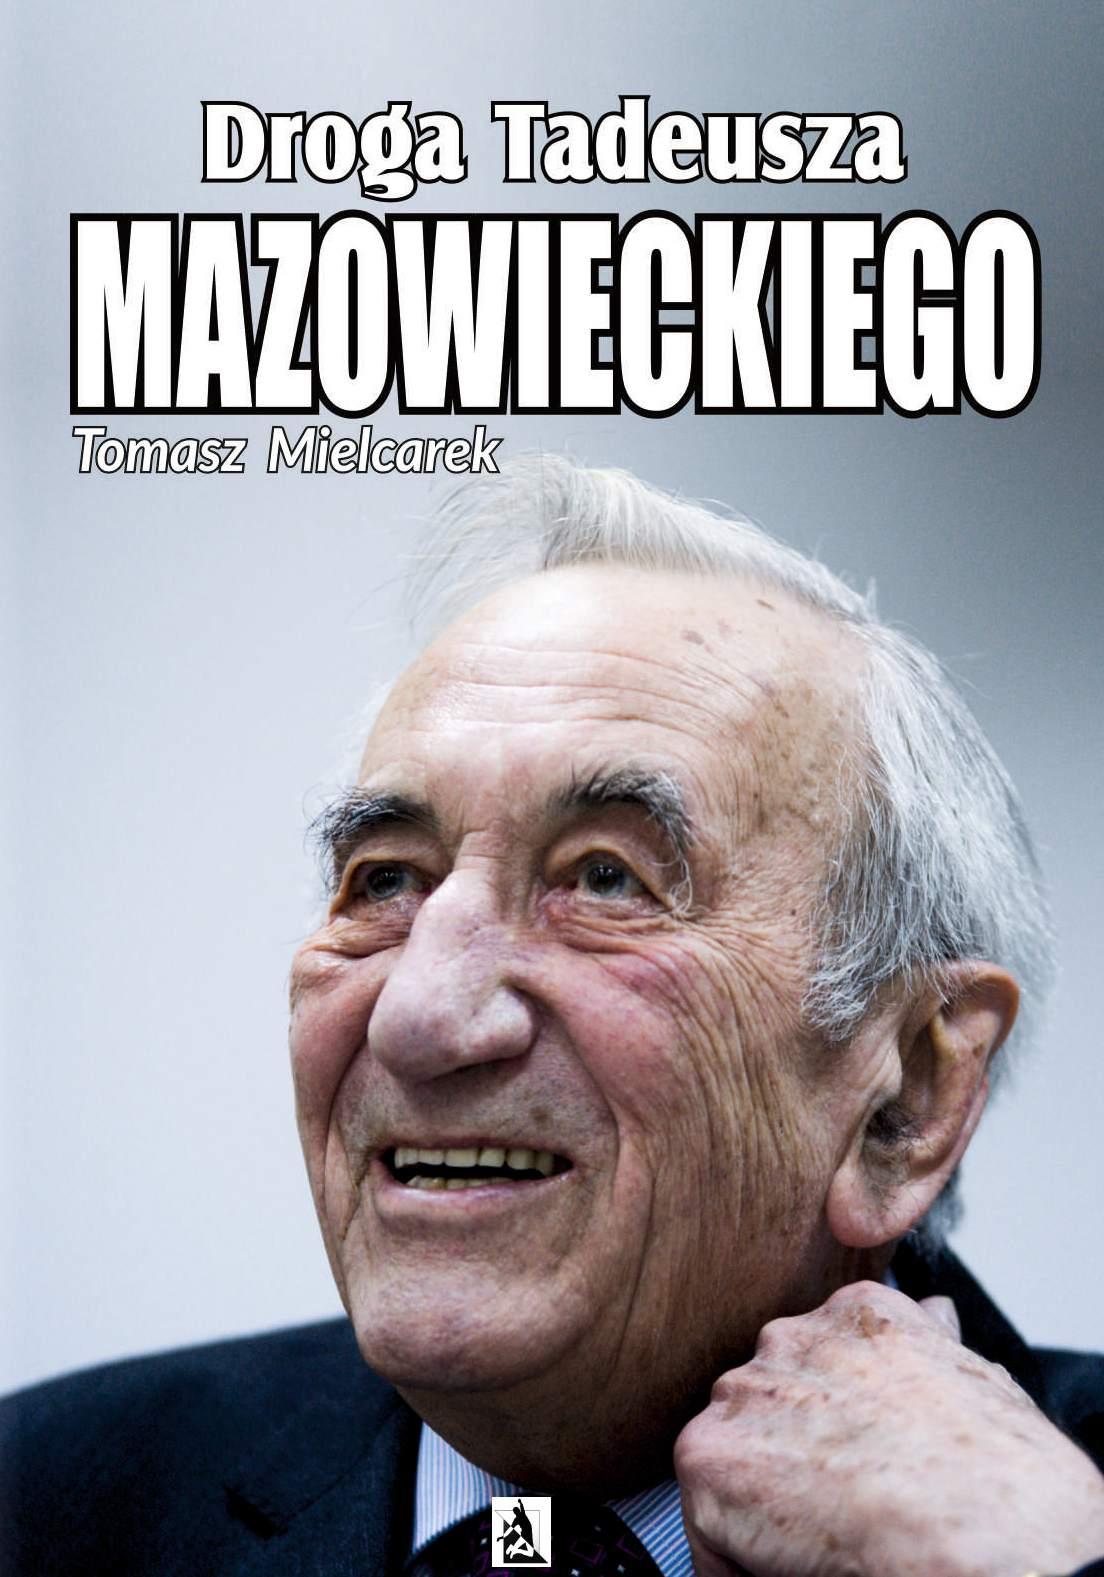 Droga Tadeusza Mazowieckiego - Ebook (Książka EPUB) do pobrania w formacie EPUB